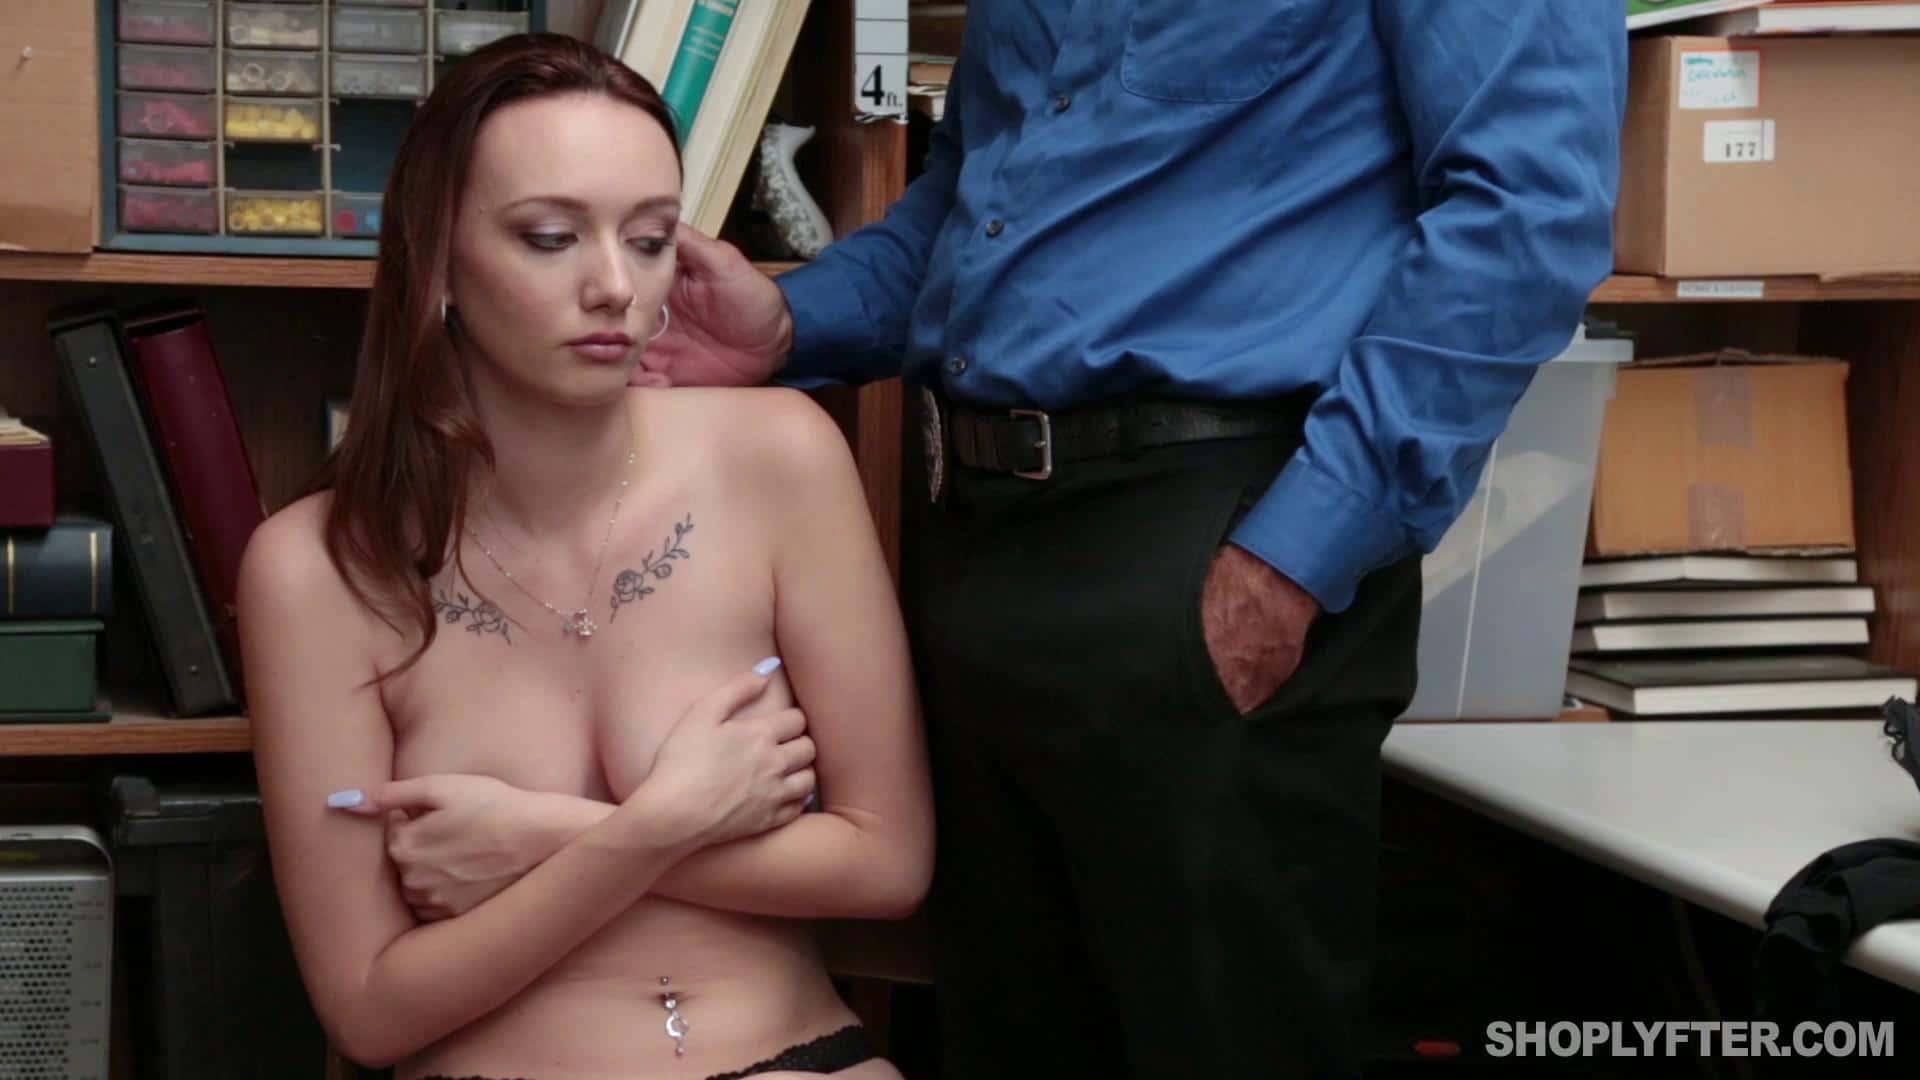 Shoplyfter Tanga Çalan Avery'i Güvenlik Yakaladığı Gibi Sikiyor Türkçe Altyazılı Porno